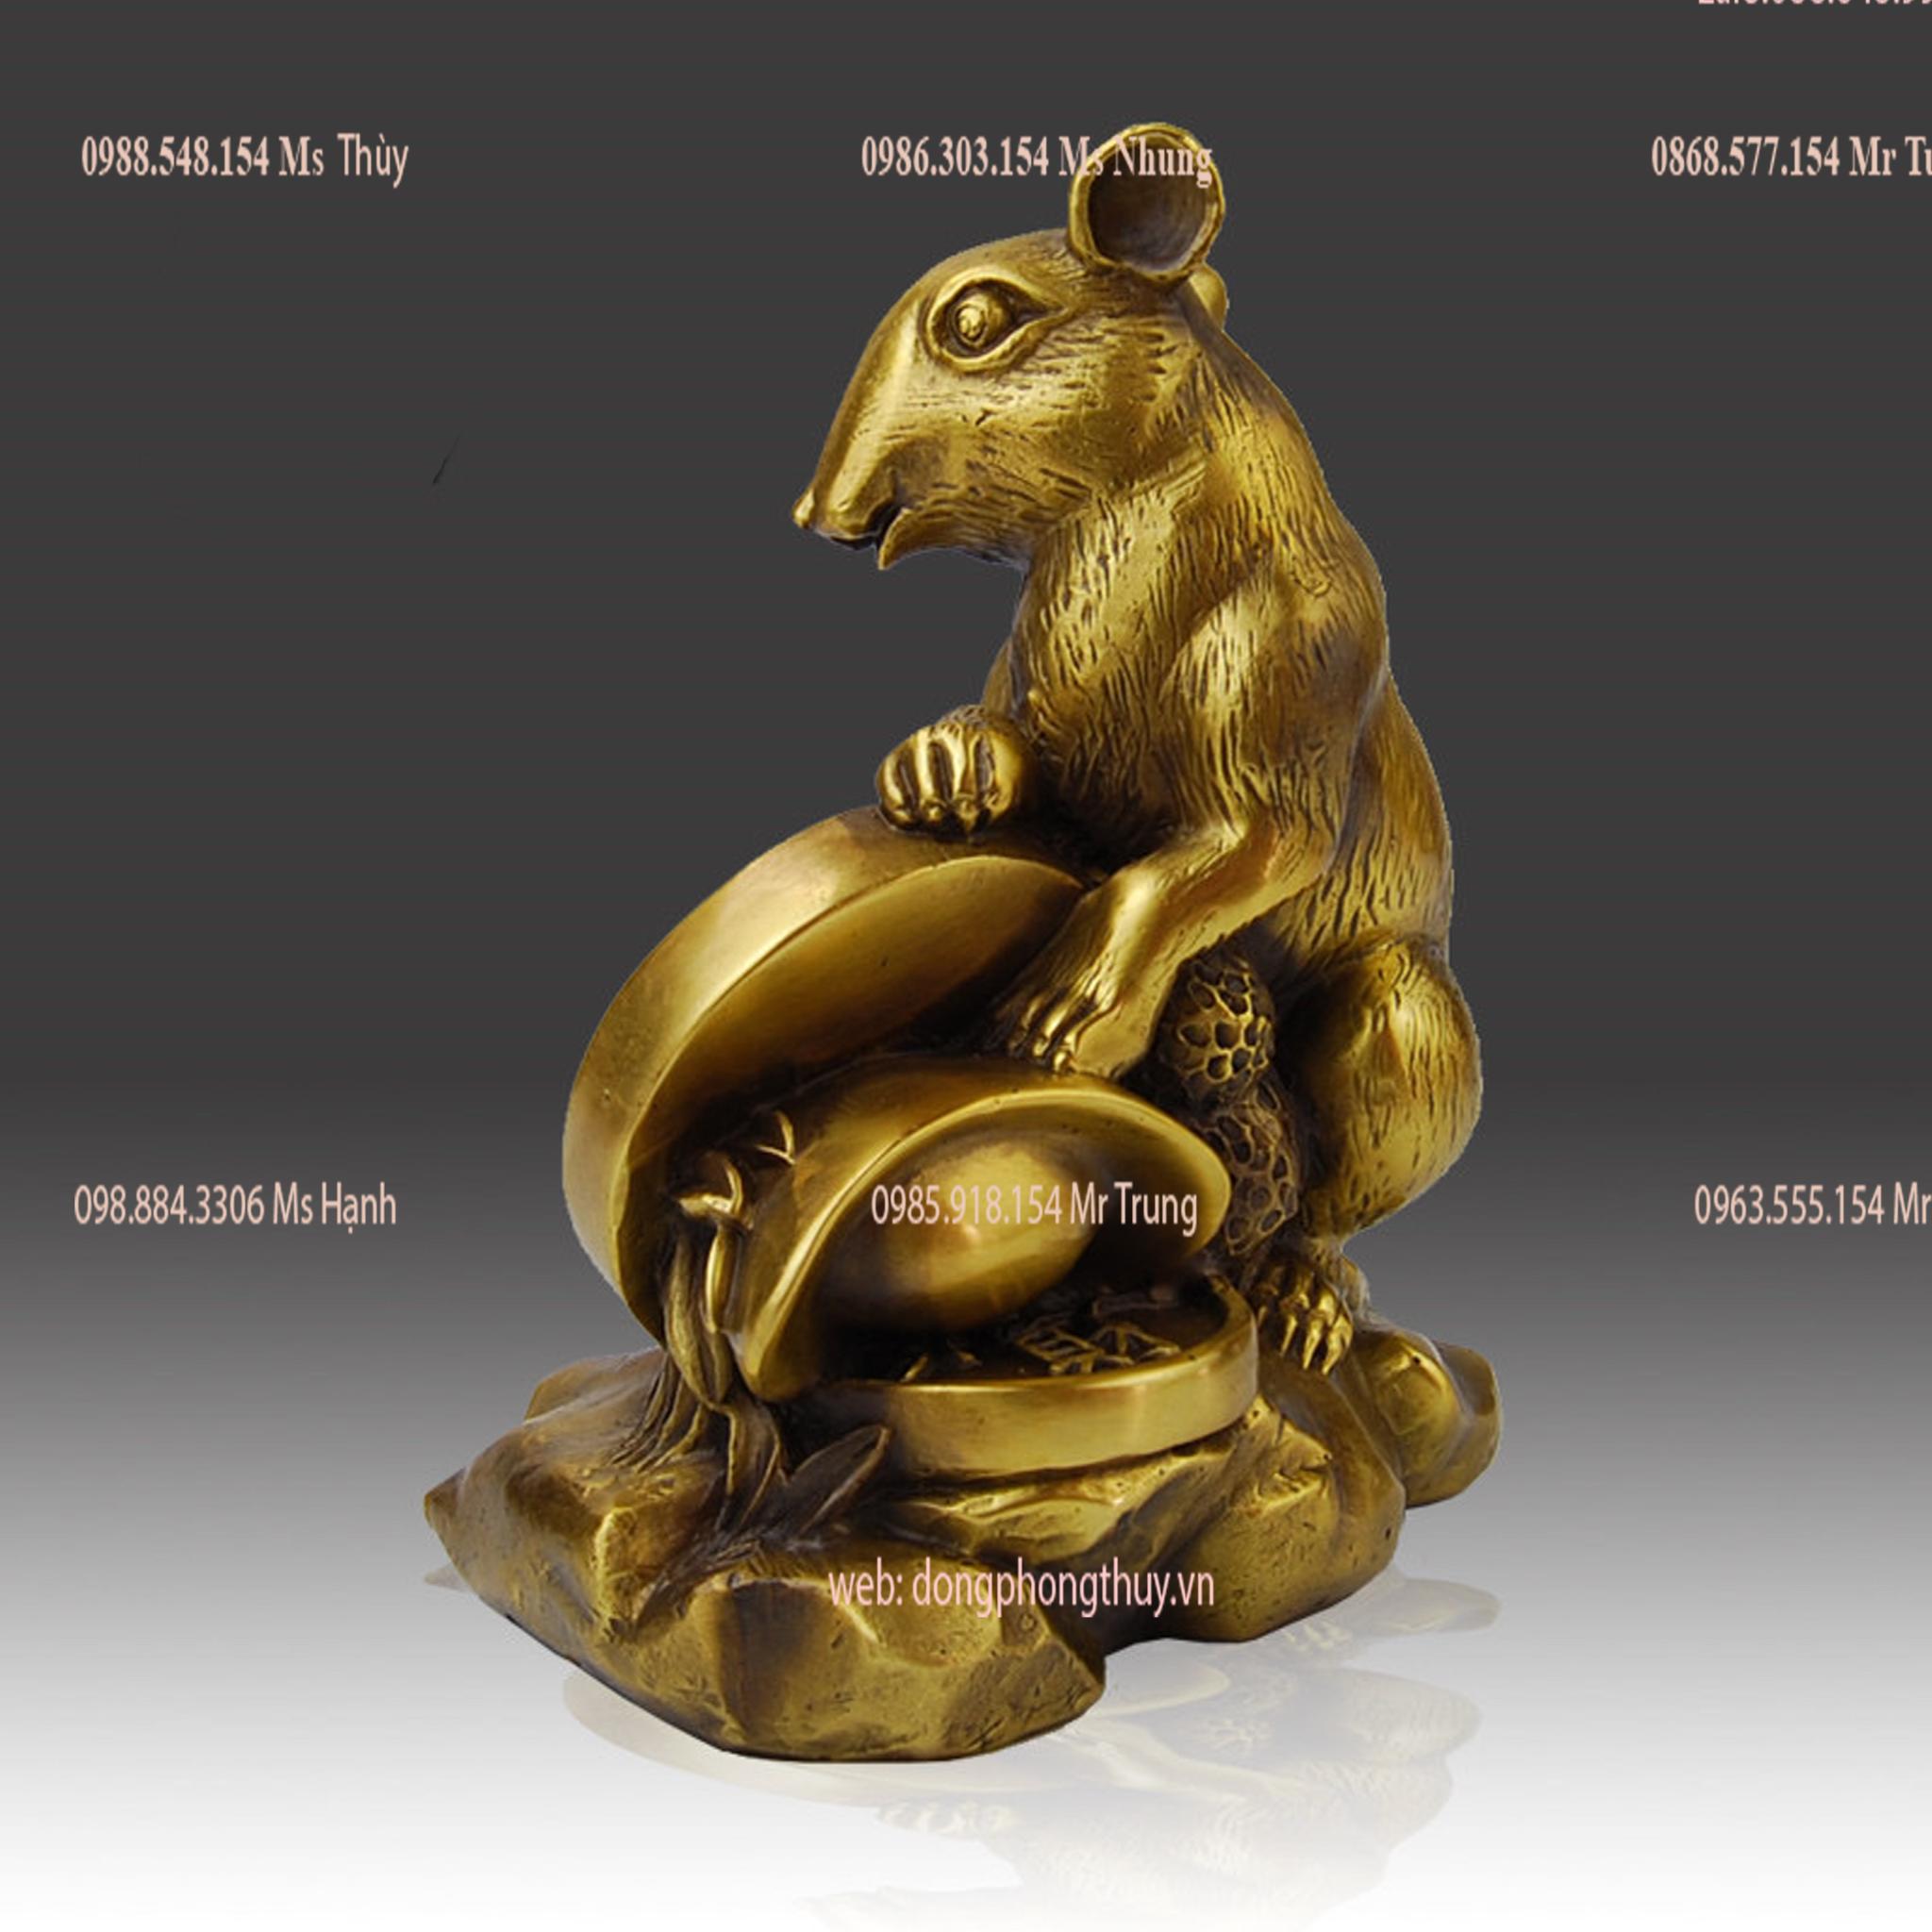 Tượng chuột phong thủy để bàn